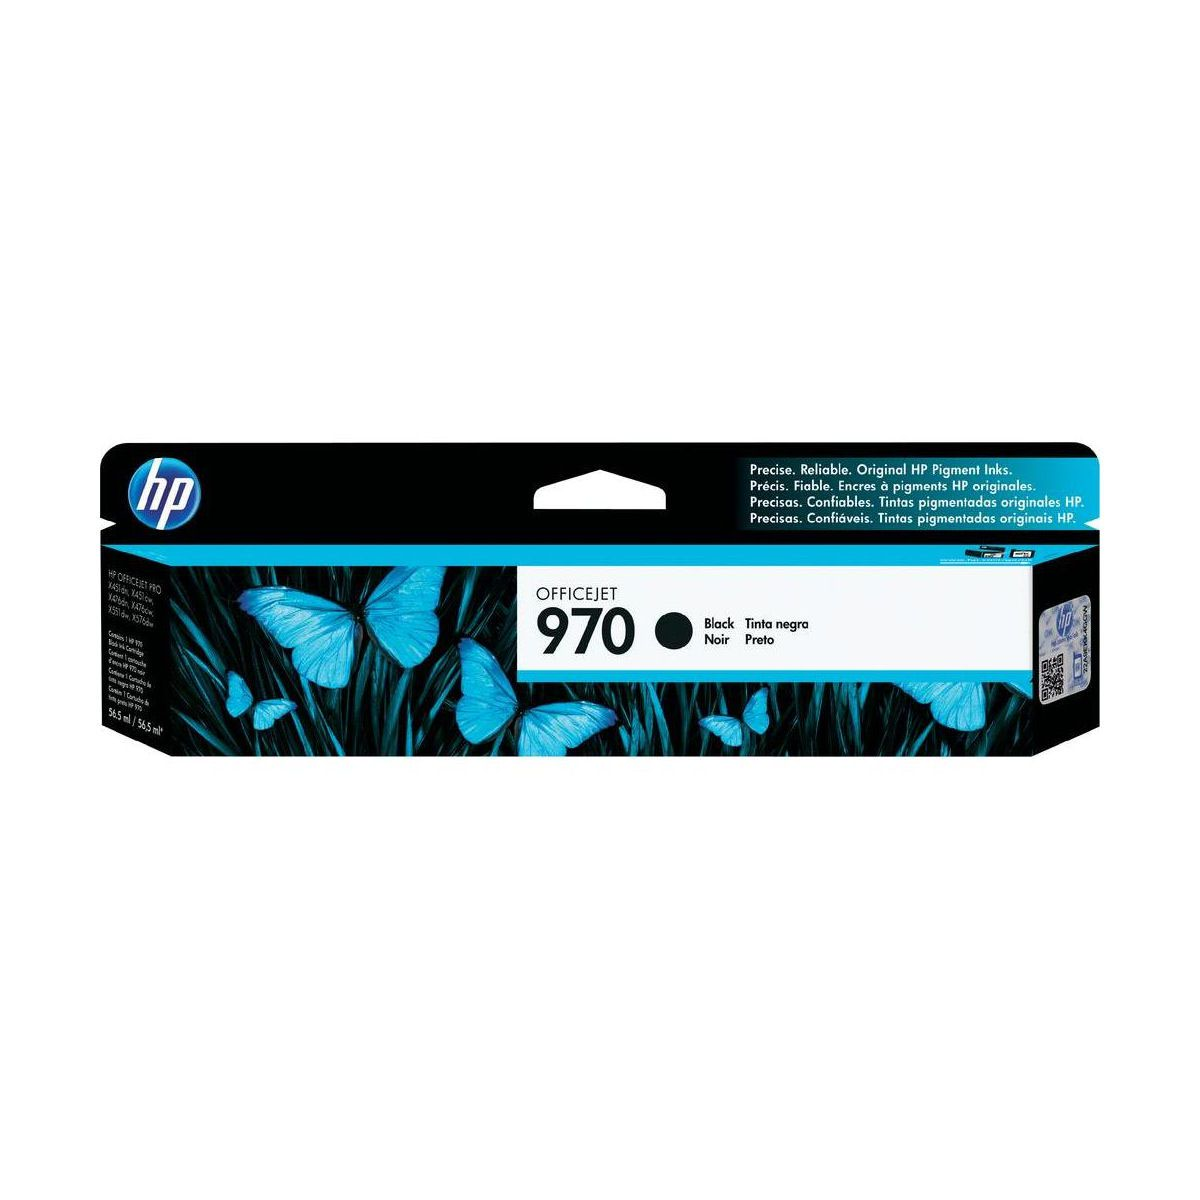 Hewlett Packard HP 970 Officejet Inkjet Cartridge Page Life 3000pp Black Ref CN621AE